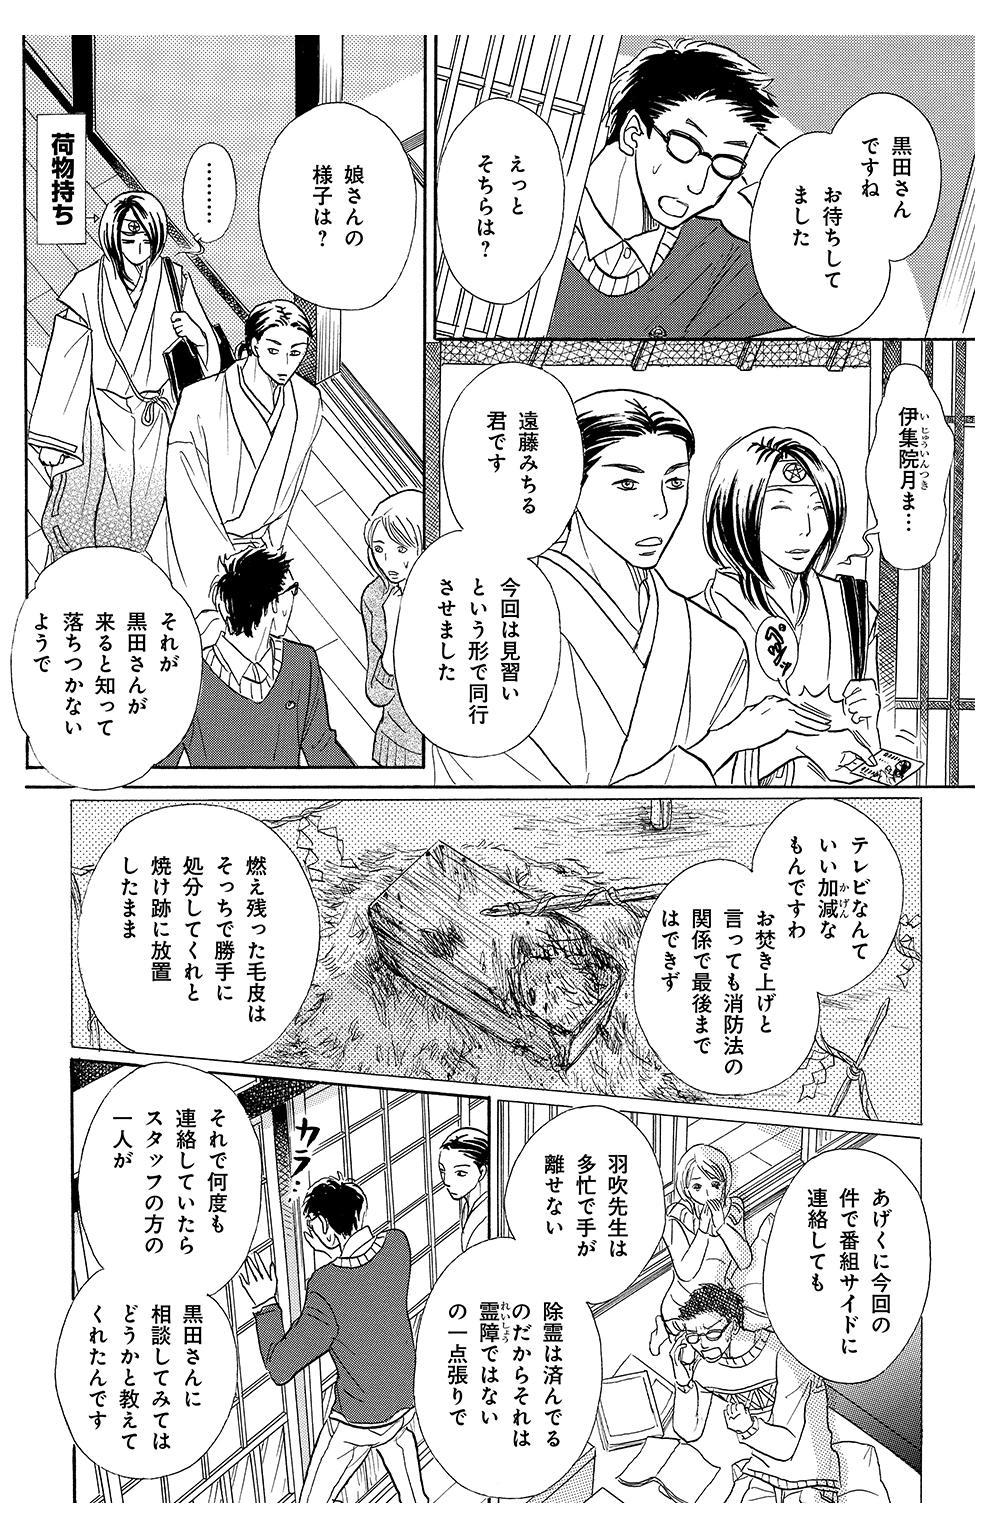 伊集院月丸の残念な霊能稼業 第1話「獣の皮」①iju1-1-9.jpg